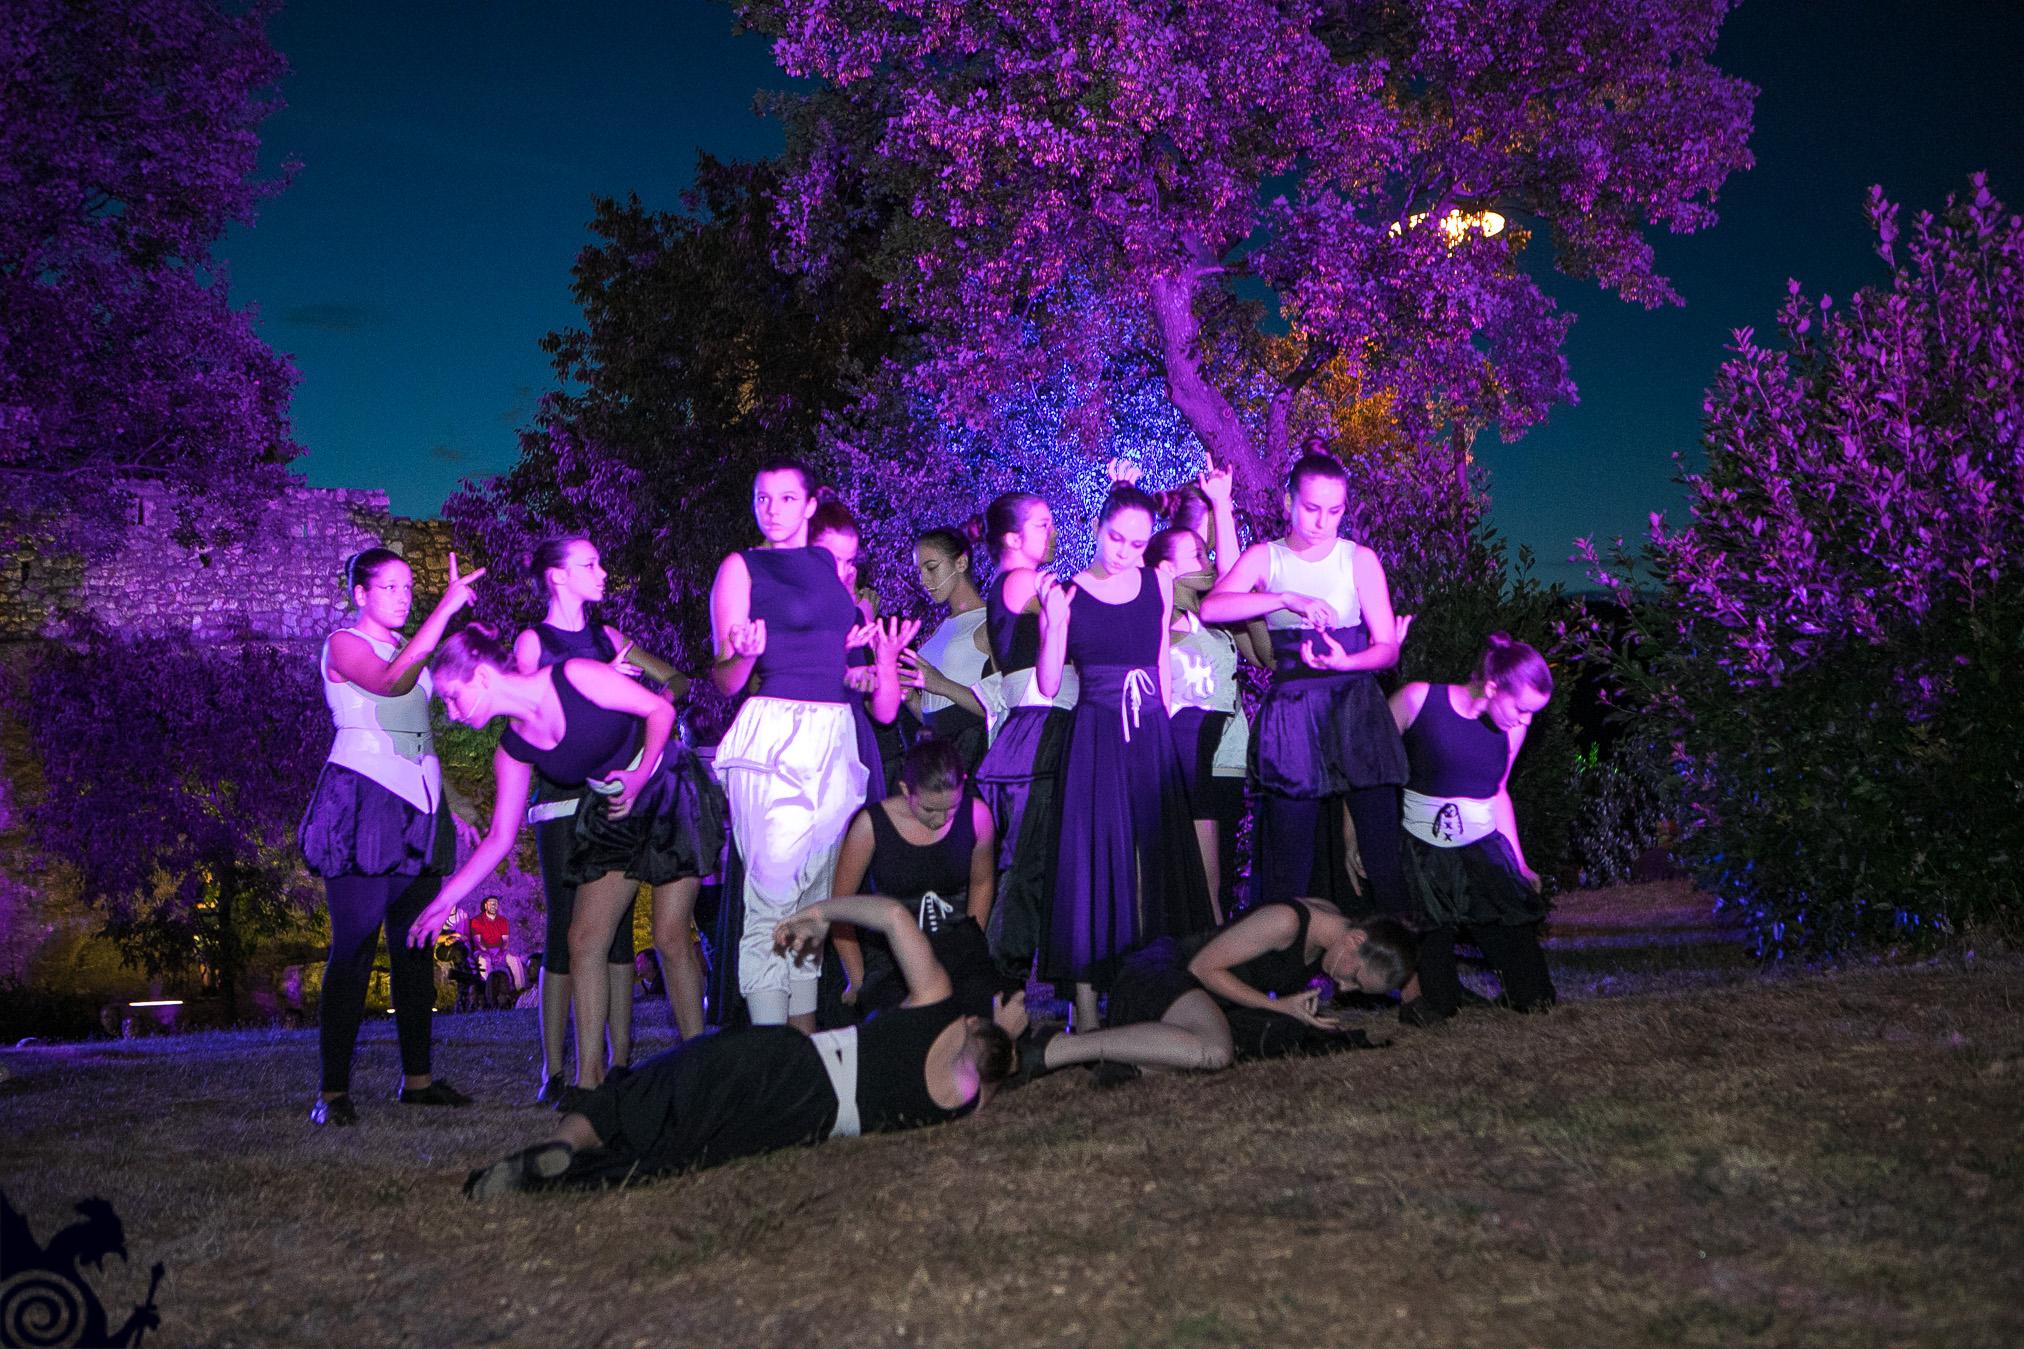 RI DANCE U Magičnoj Atmosferi Otvorio 15. Ljeto Na Gradini!